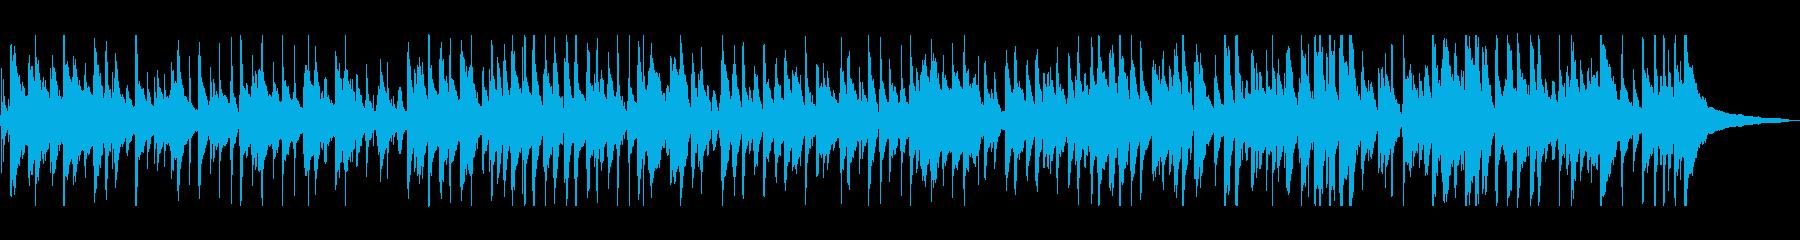 ピアノ演奏に魅了される大人のジャズの再生済みの波形